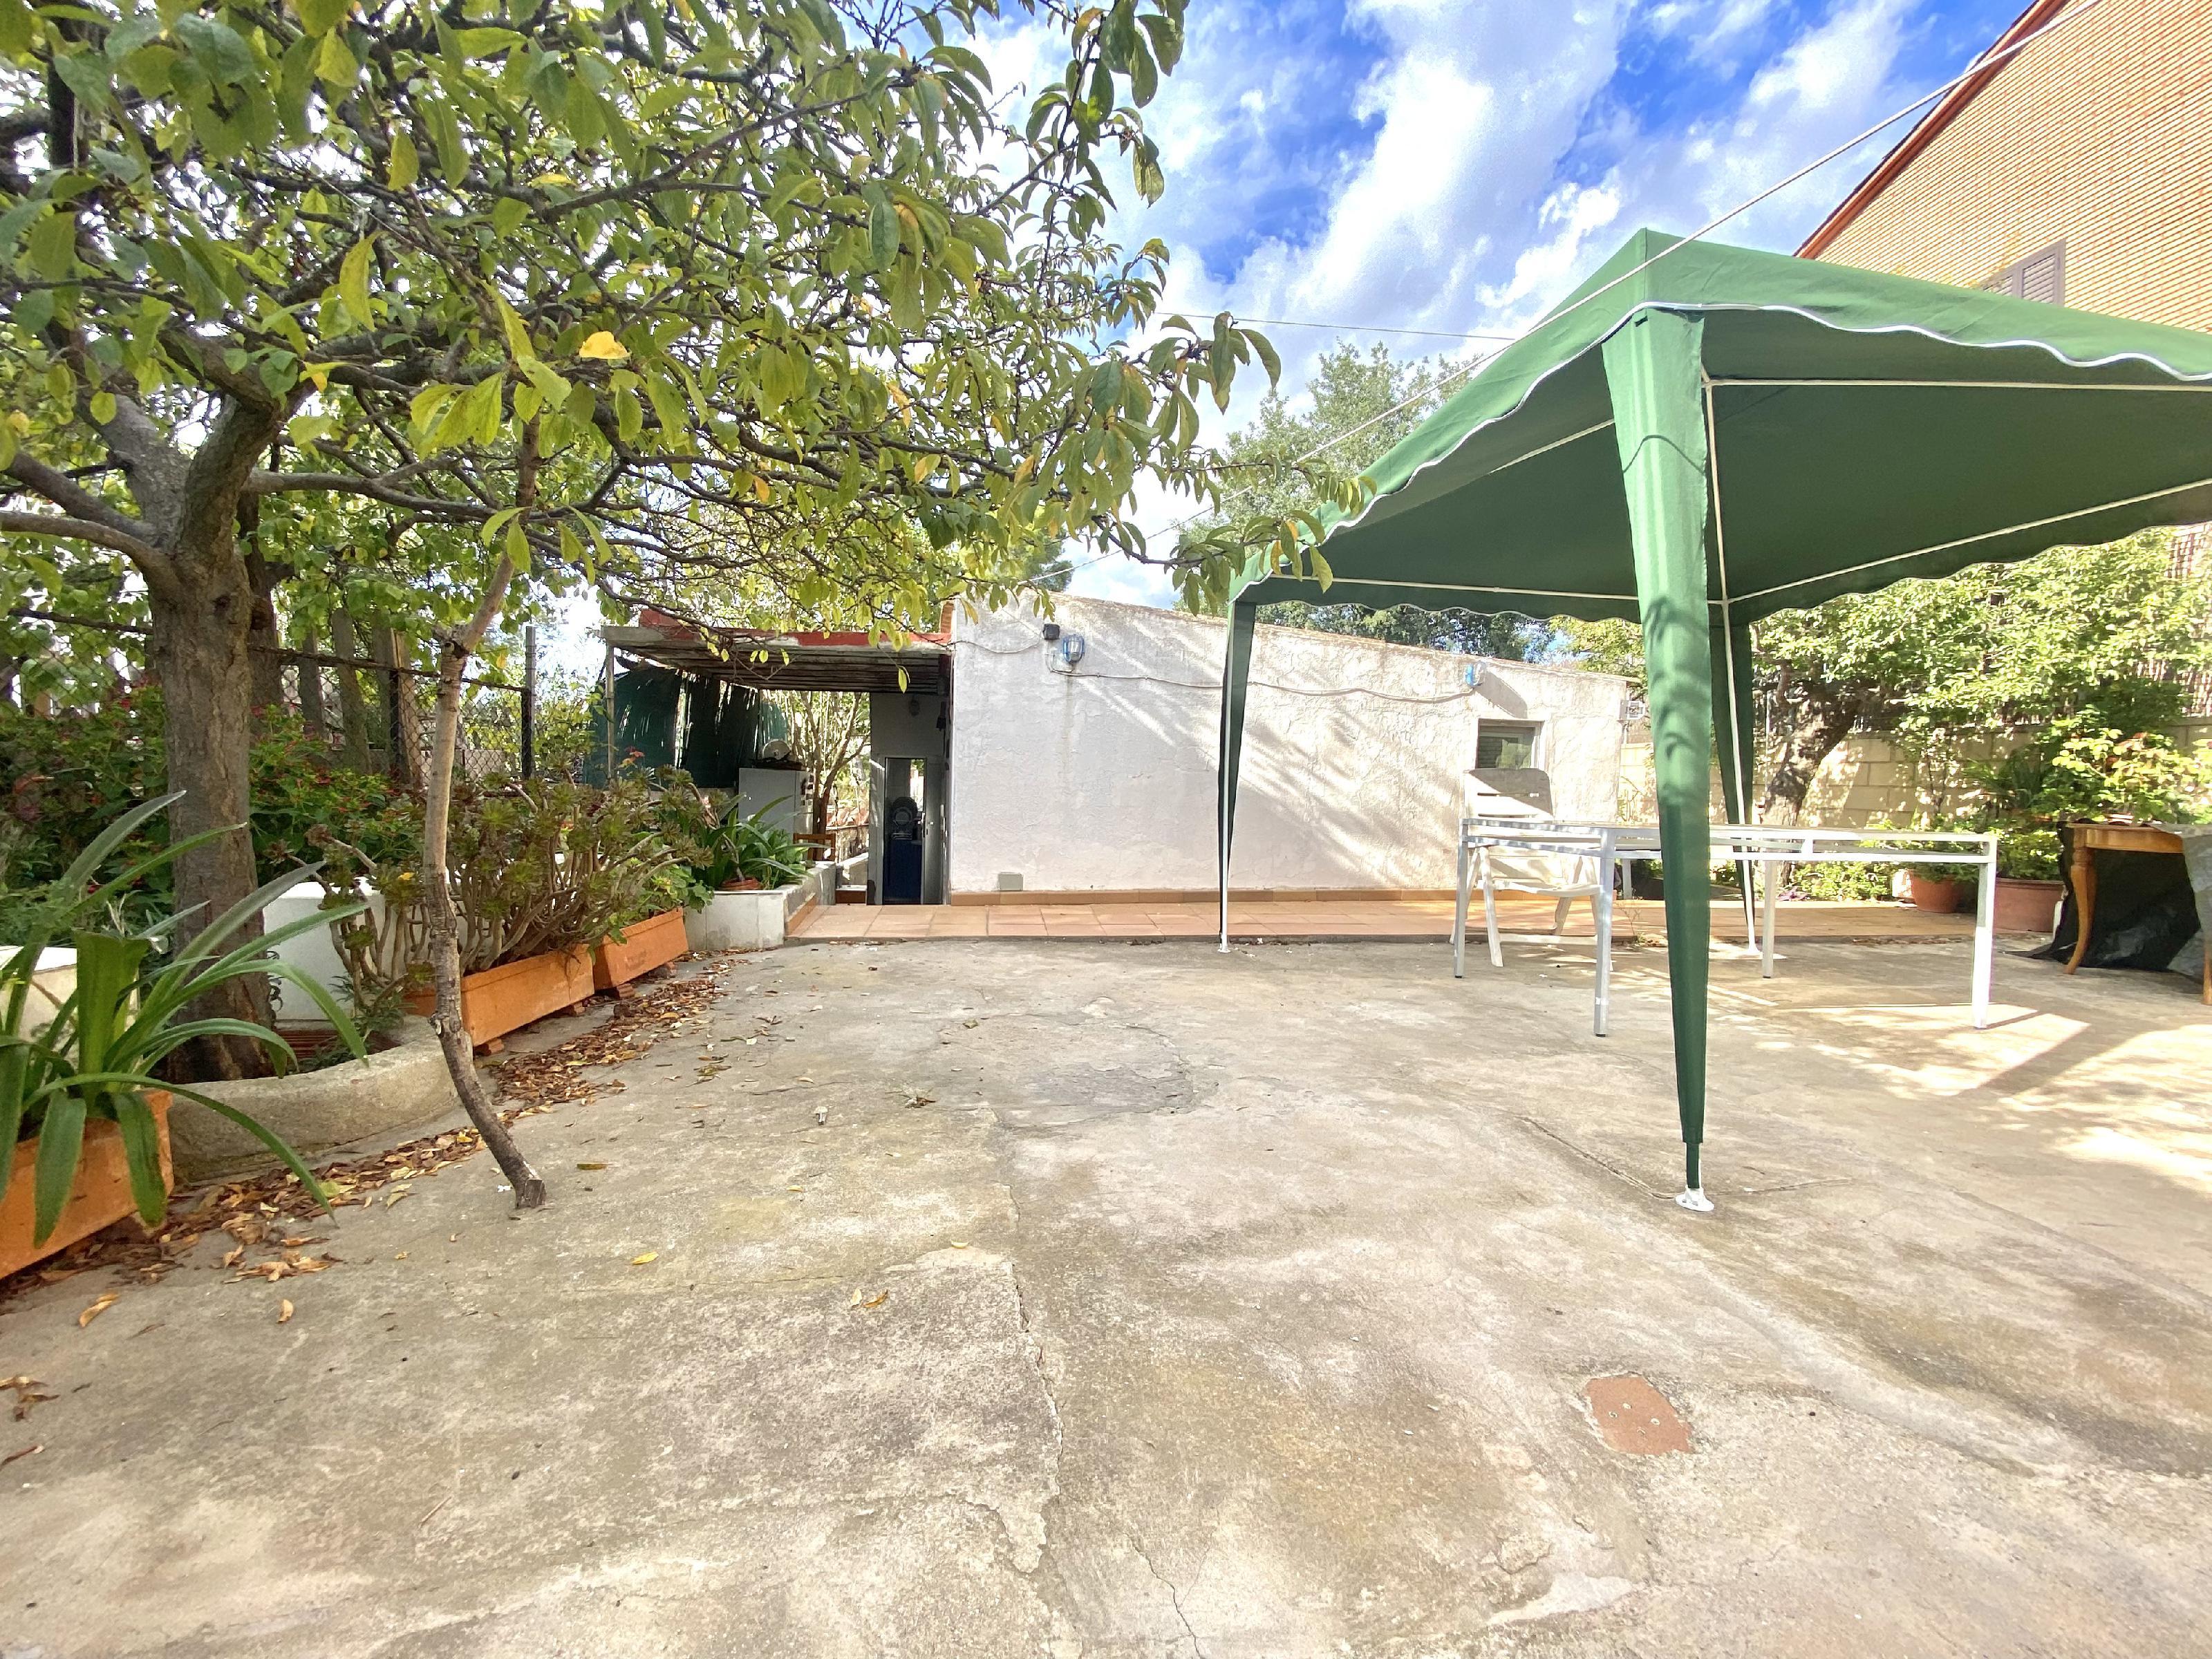 Imagen 1 Casa Aislada en venta en Rubí / Urbanización Els Avets zona muy tranquila y verde.